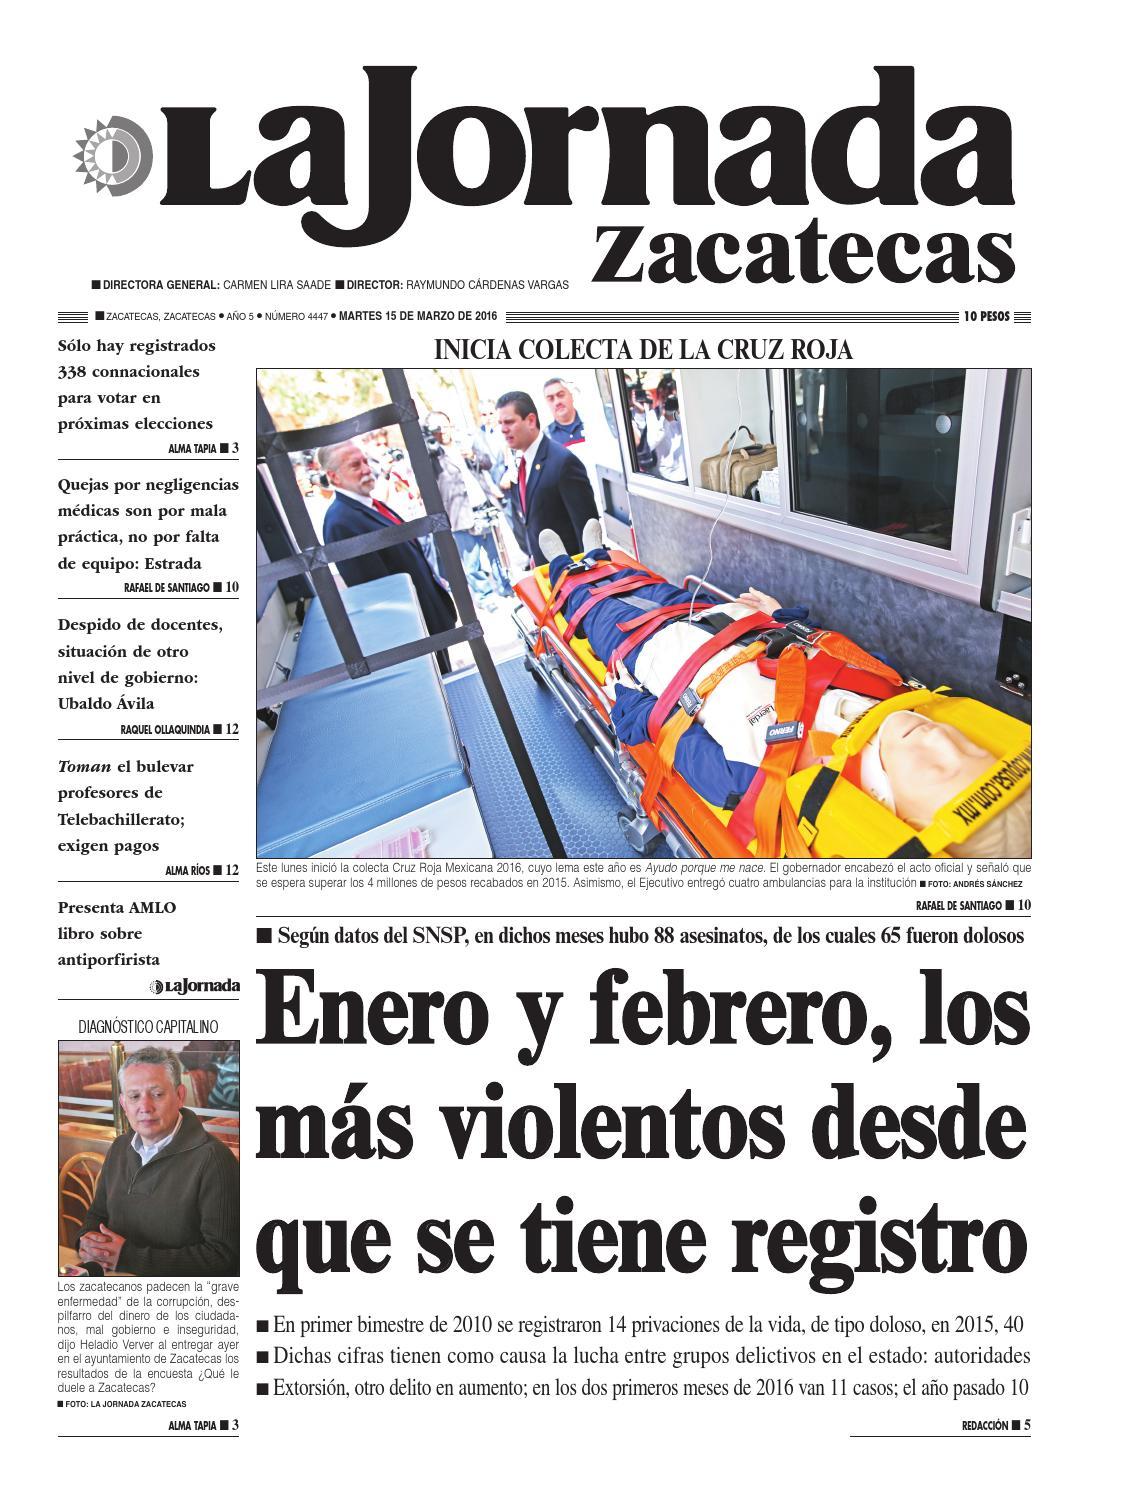 La Jornada Zacatecas Martes 15 De Marzo Del 2016 By La Jornada  # Muebles Tumoine